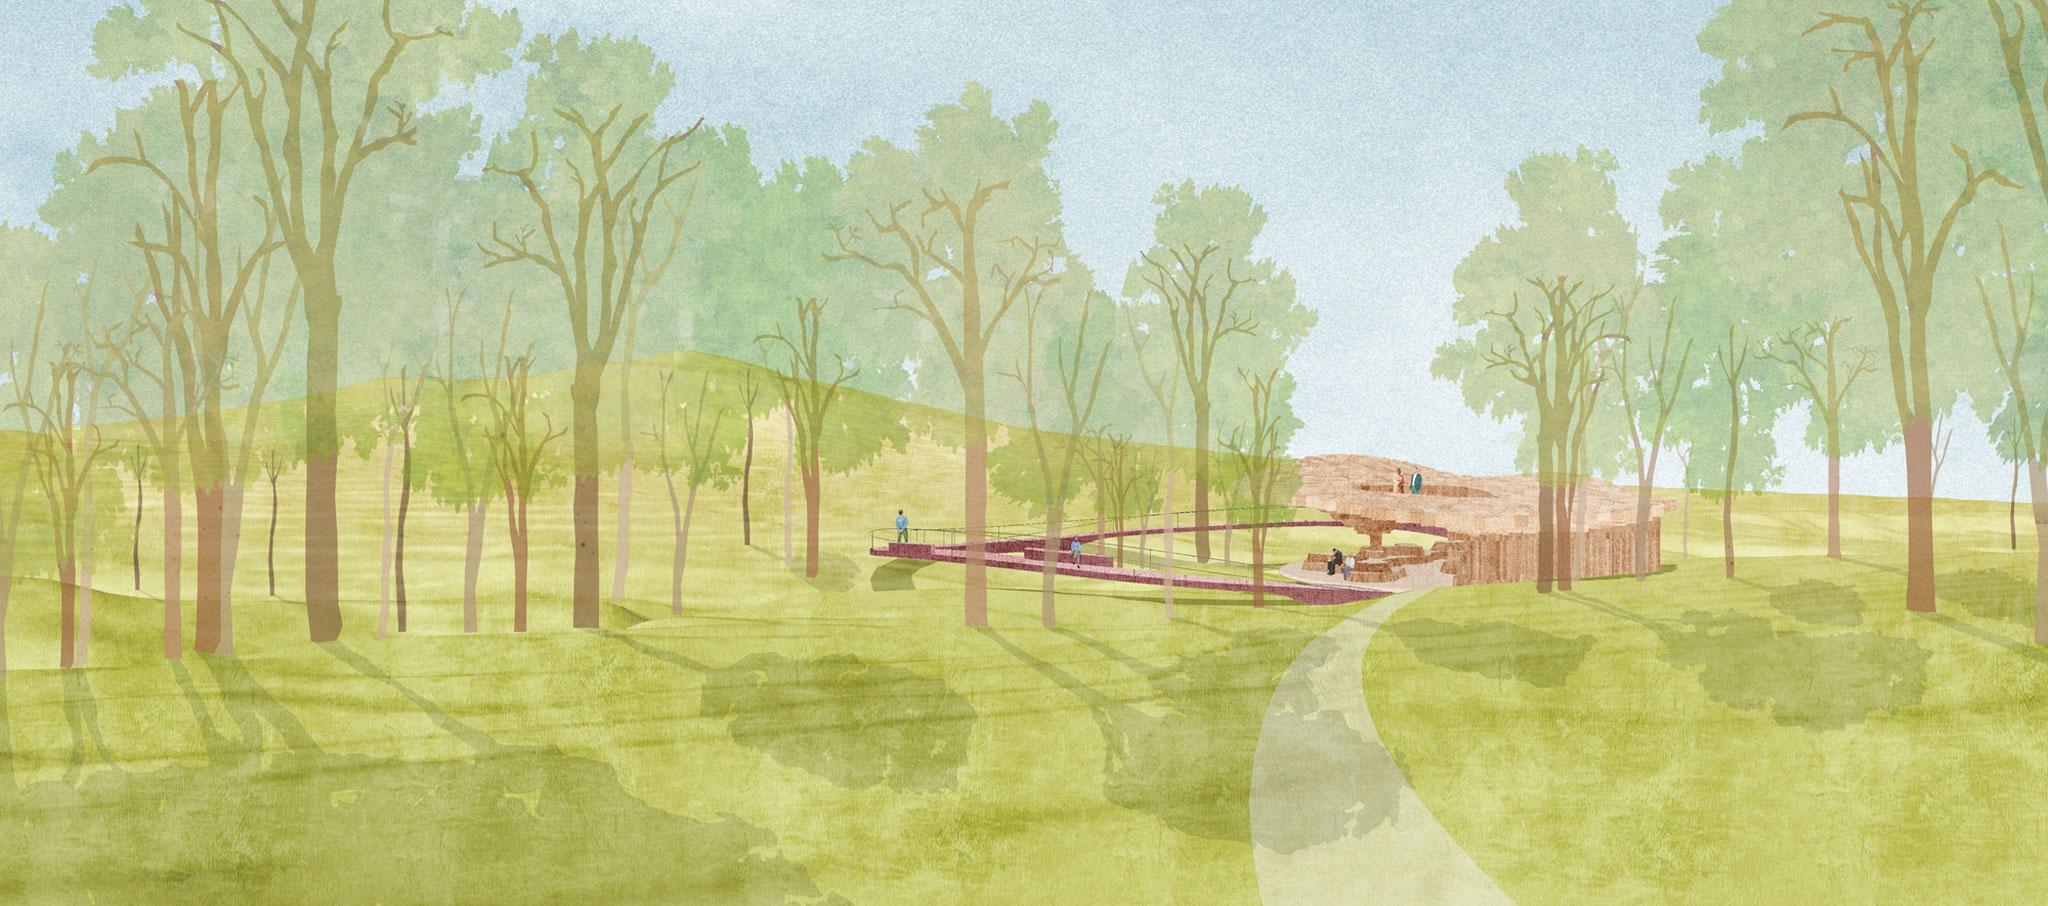 Exterior view of the Pavilion designed by Francis Kéré at Tippet Rise Art Center in Montana. Image courtesy of Kéré Architecture